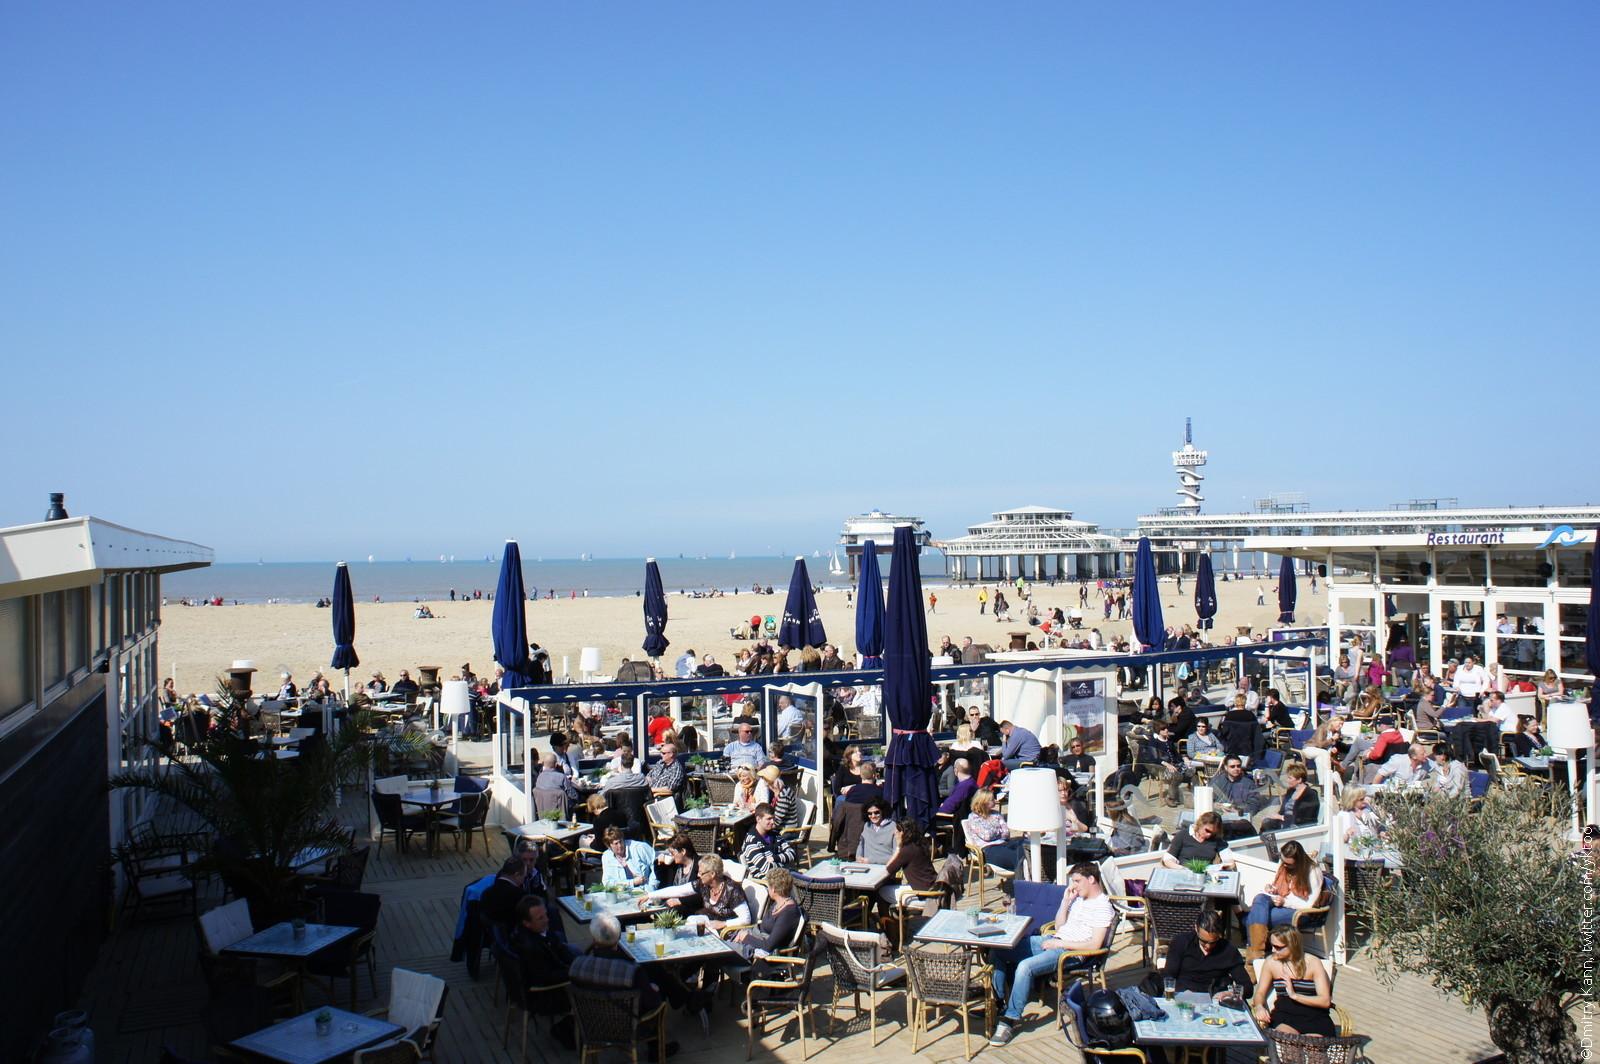 В нескольких километрах от гааги на берегу северного моря расположен модный курорт - схевенинген